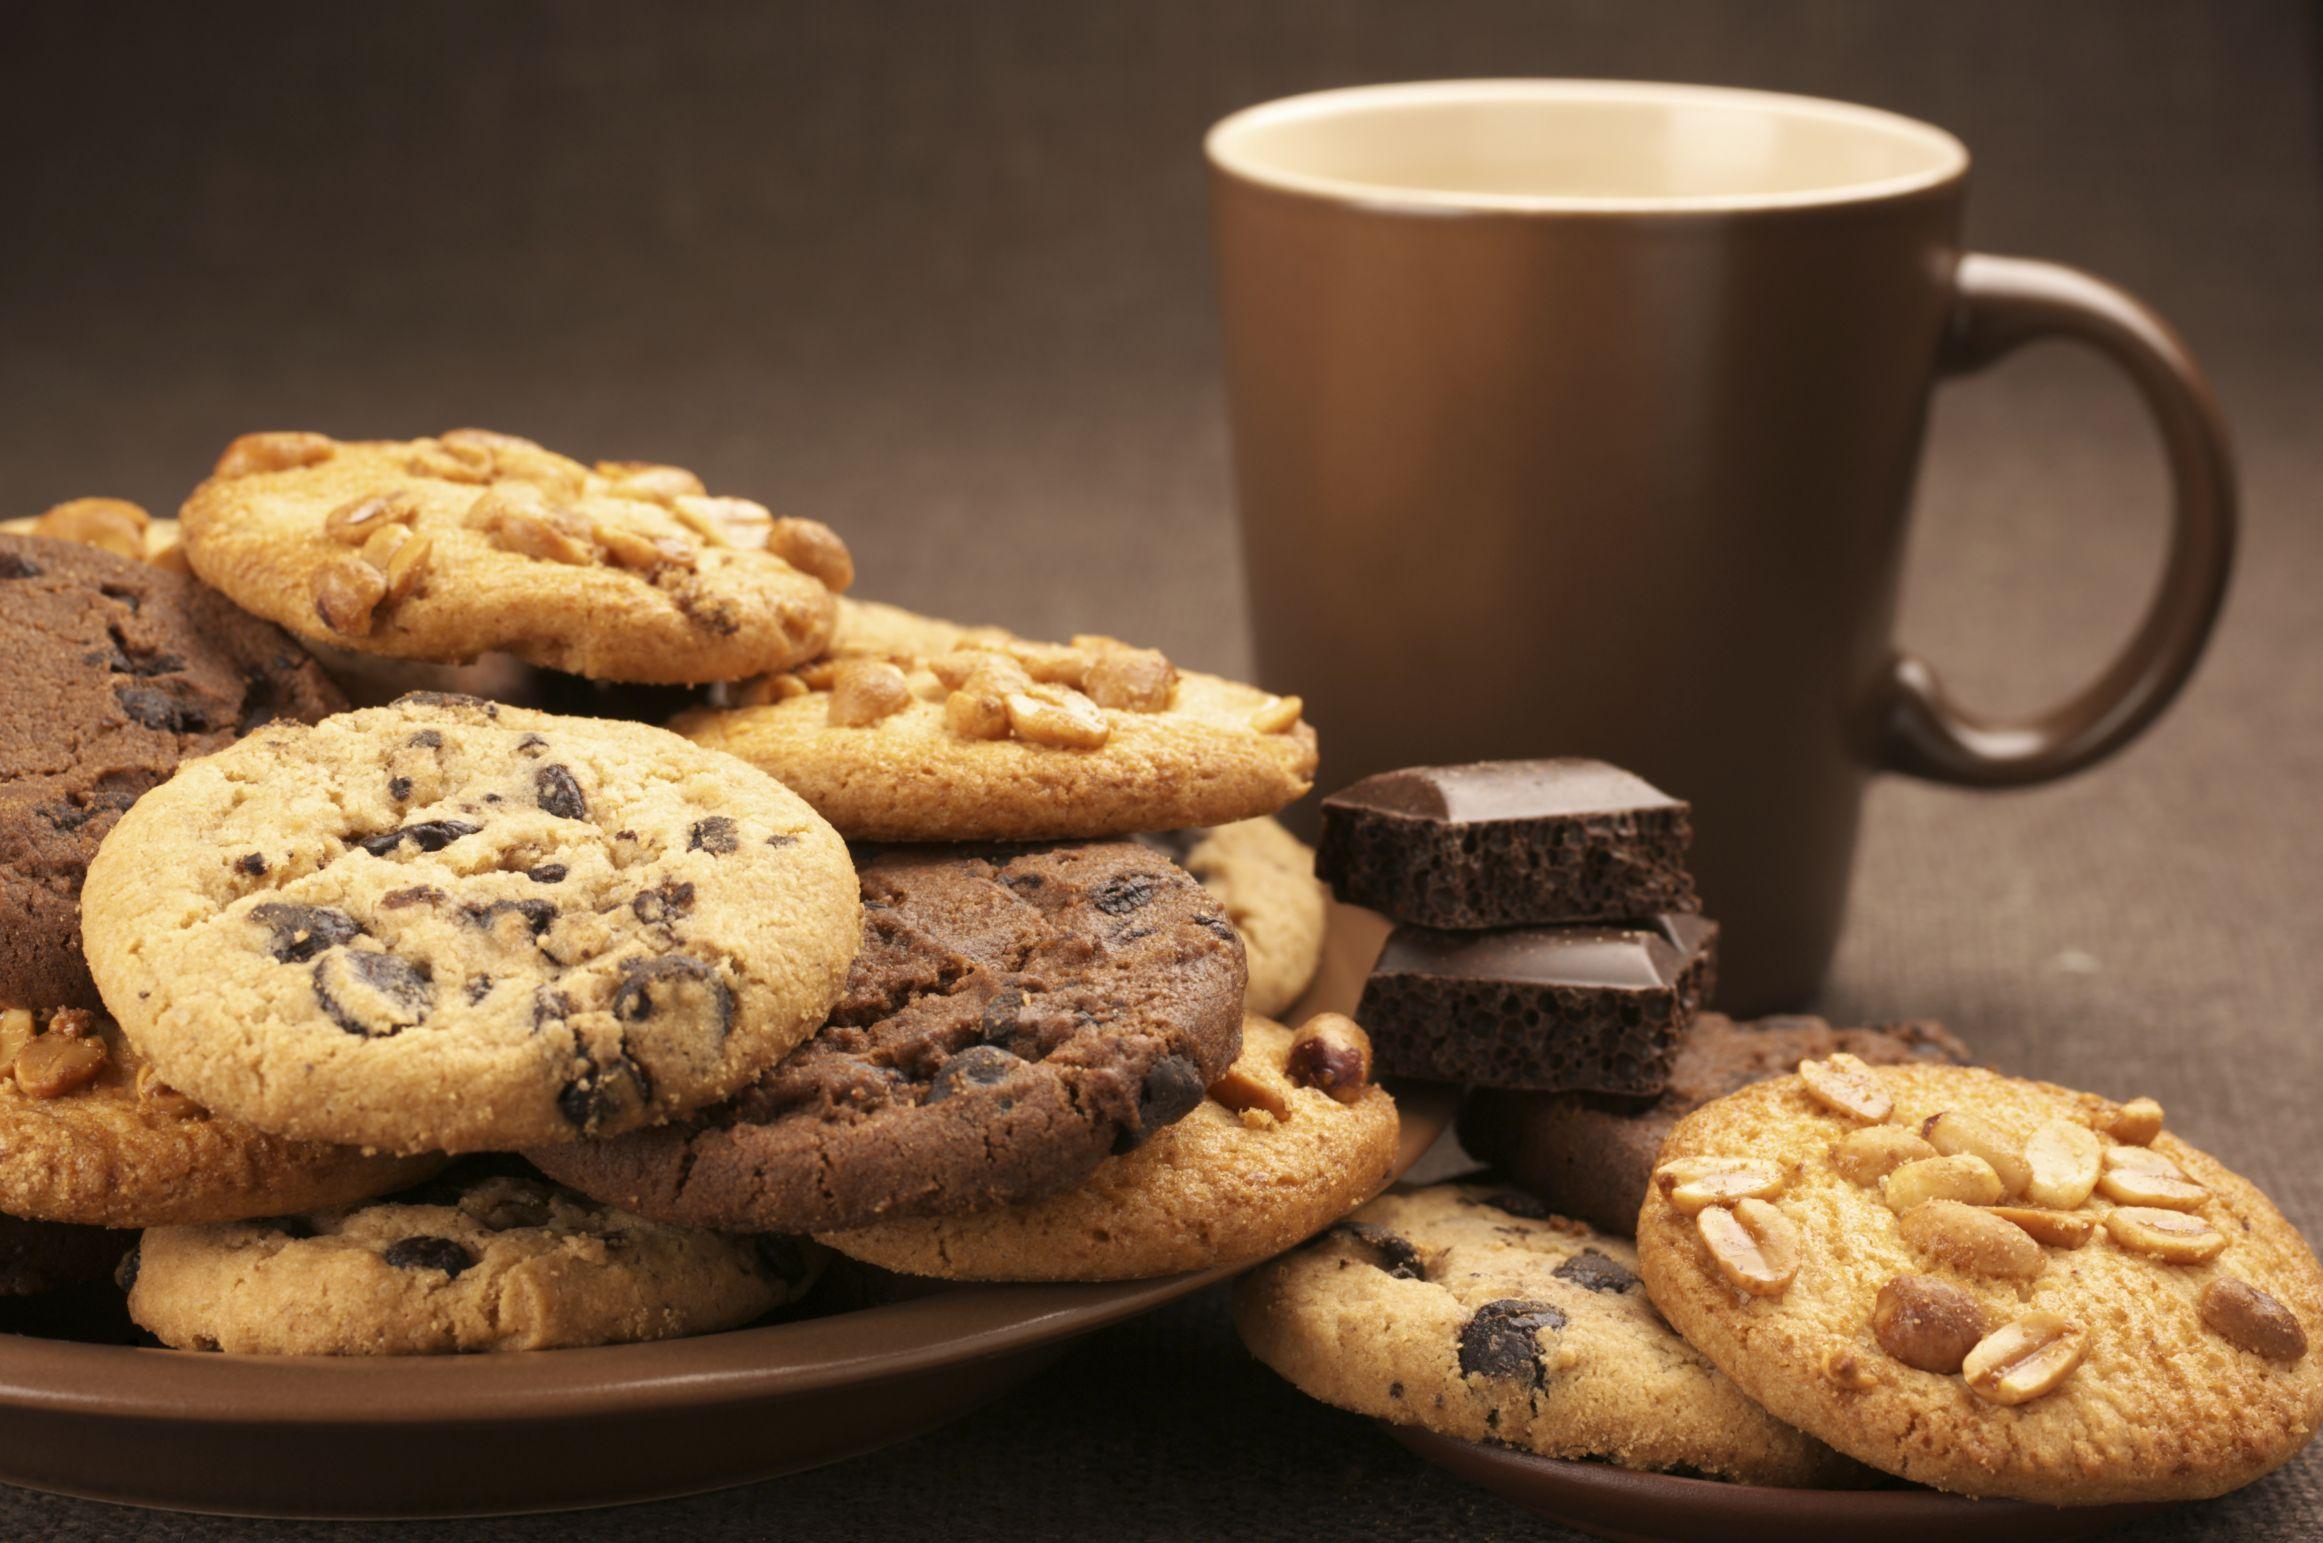 Halal Cookies Blank Template - Imgflip